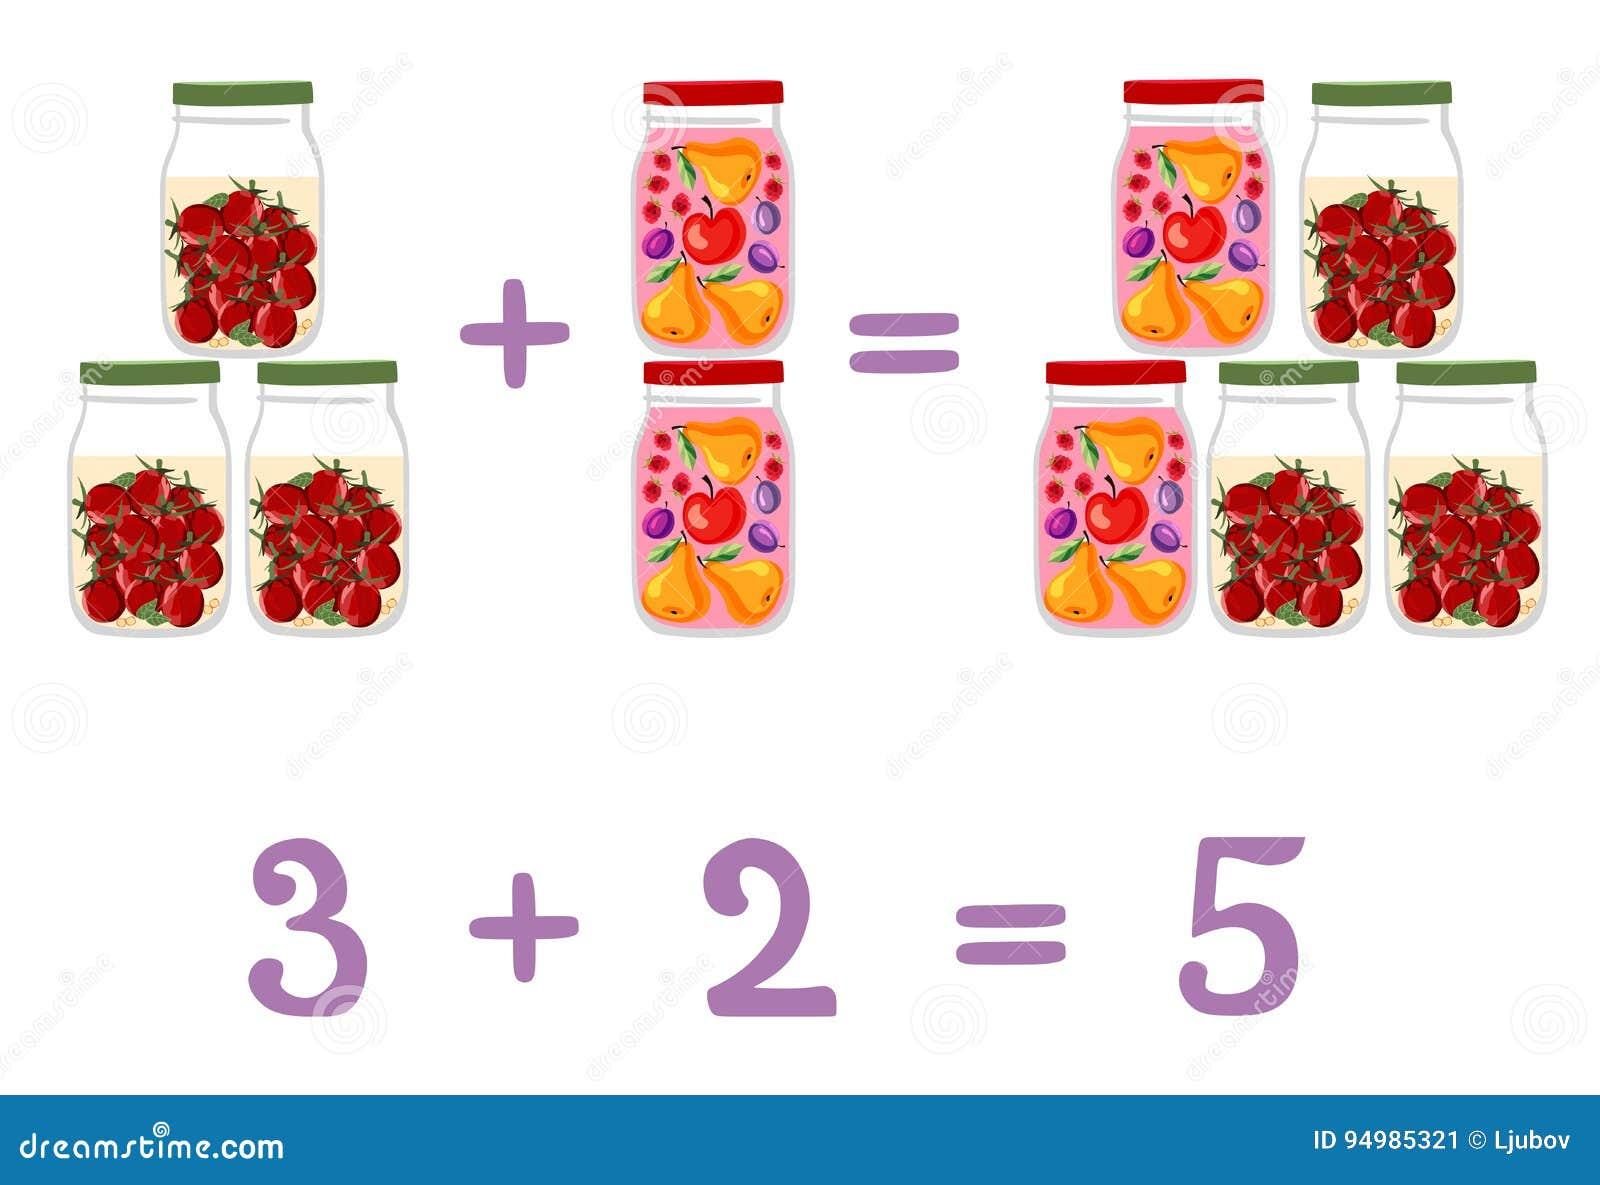 Wiskundige voorbeelden naast de kruiken van het pretglas Fruit en bessencompote en ingelegde tomaten